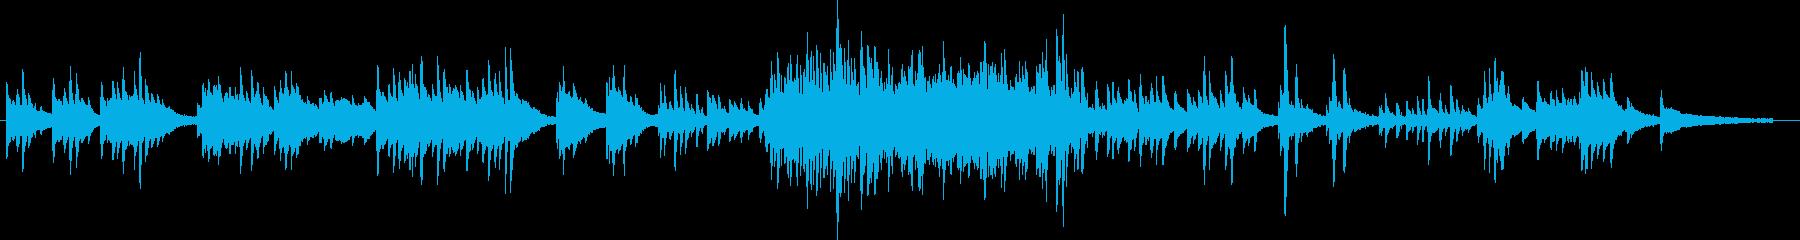 エンディング用しっとりピアノソロバラードの再生済みの波形